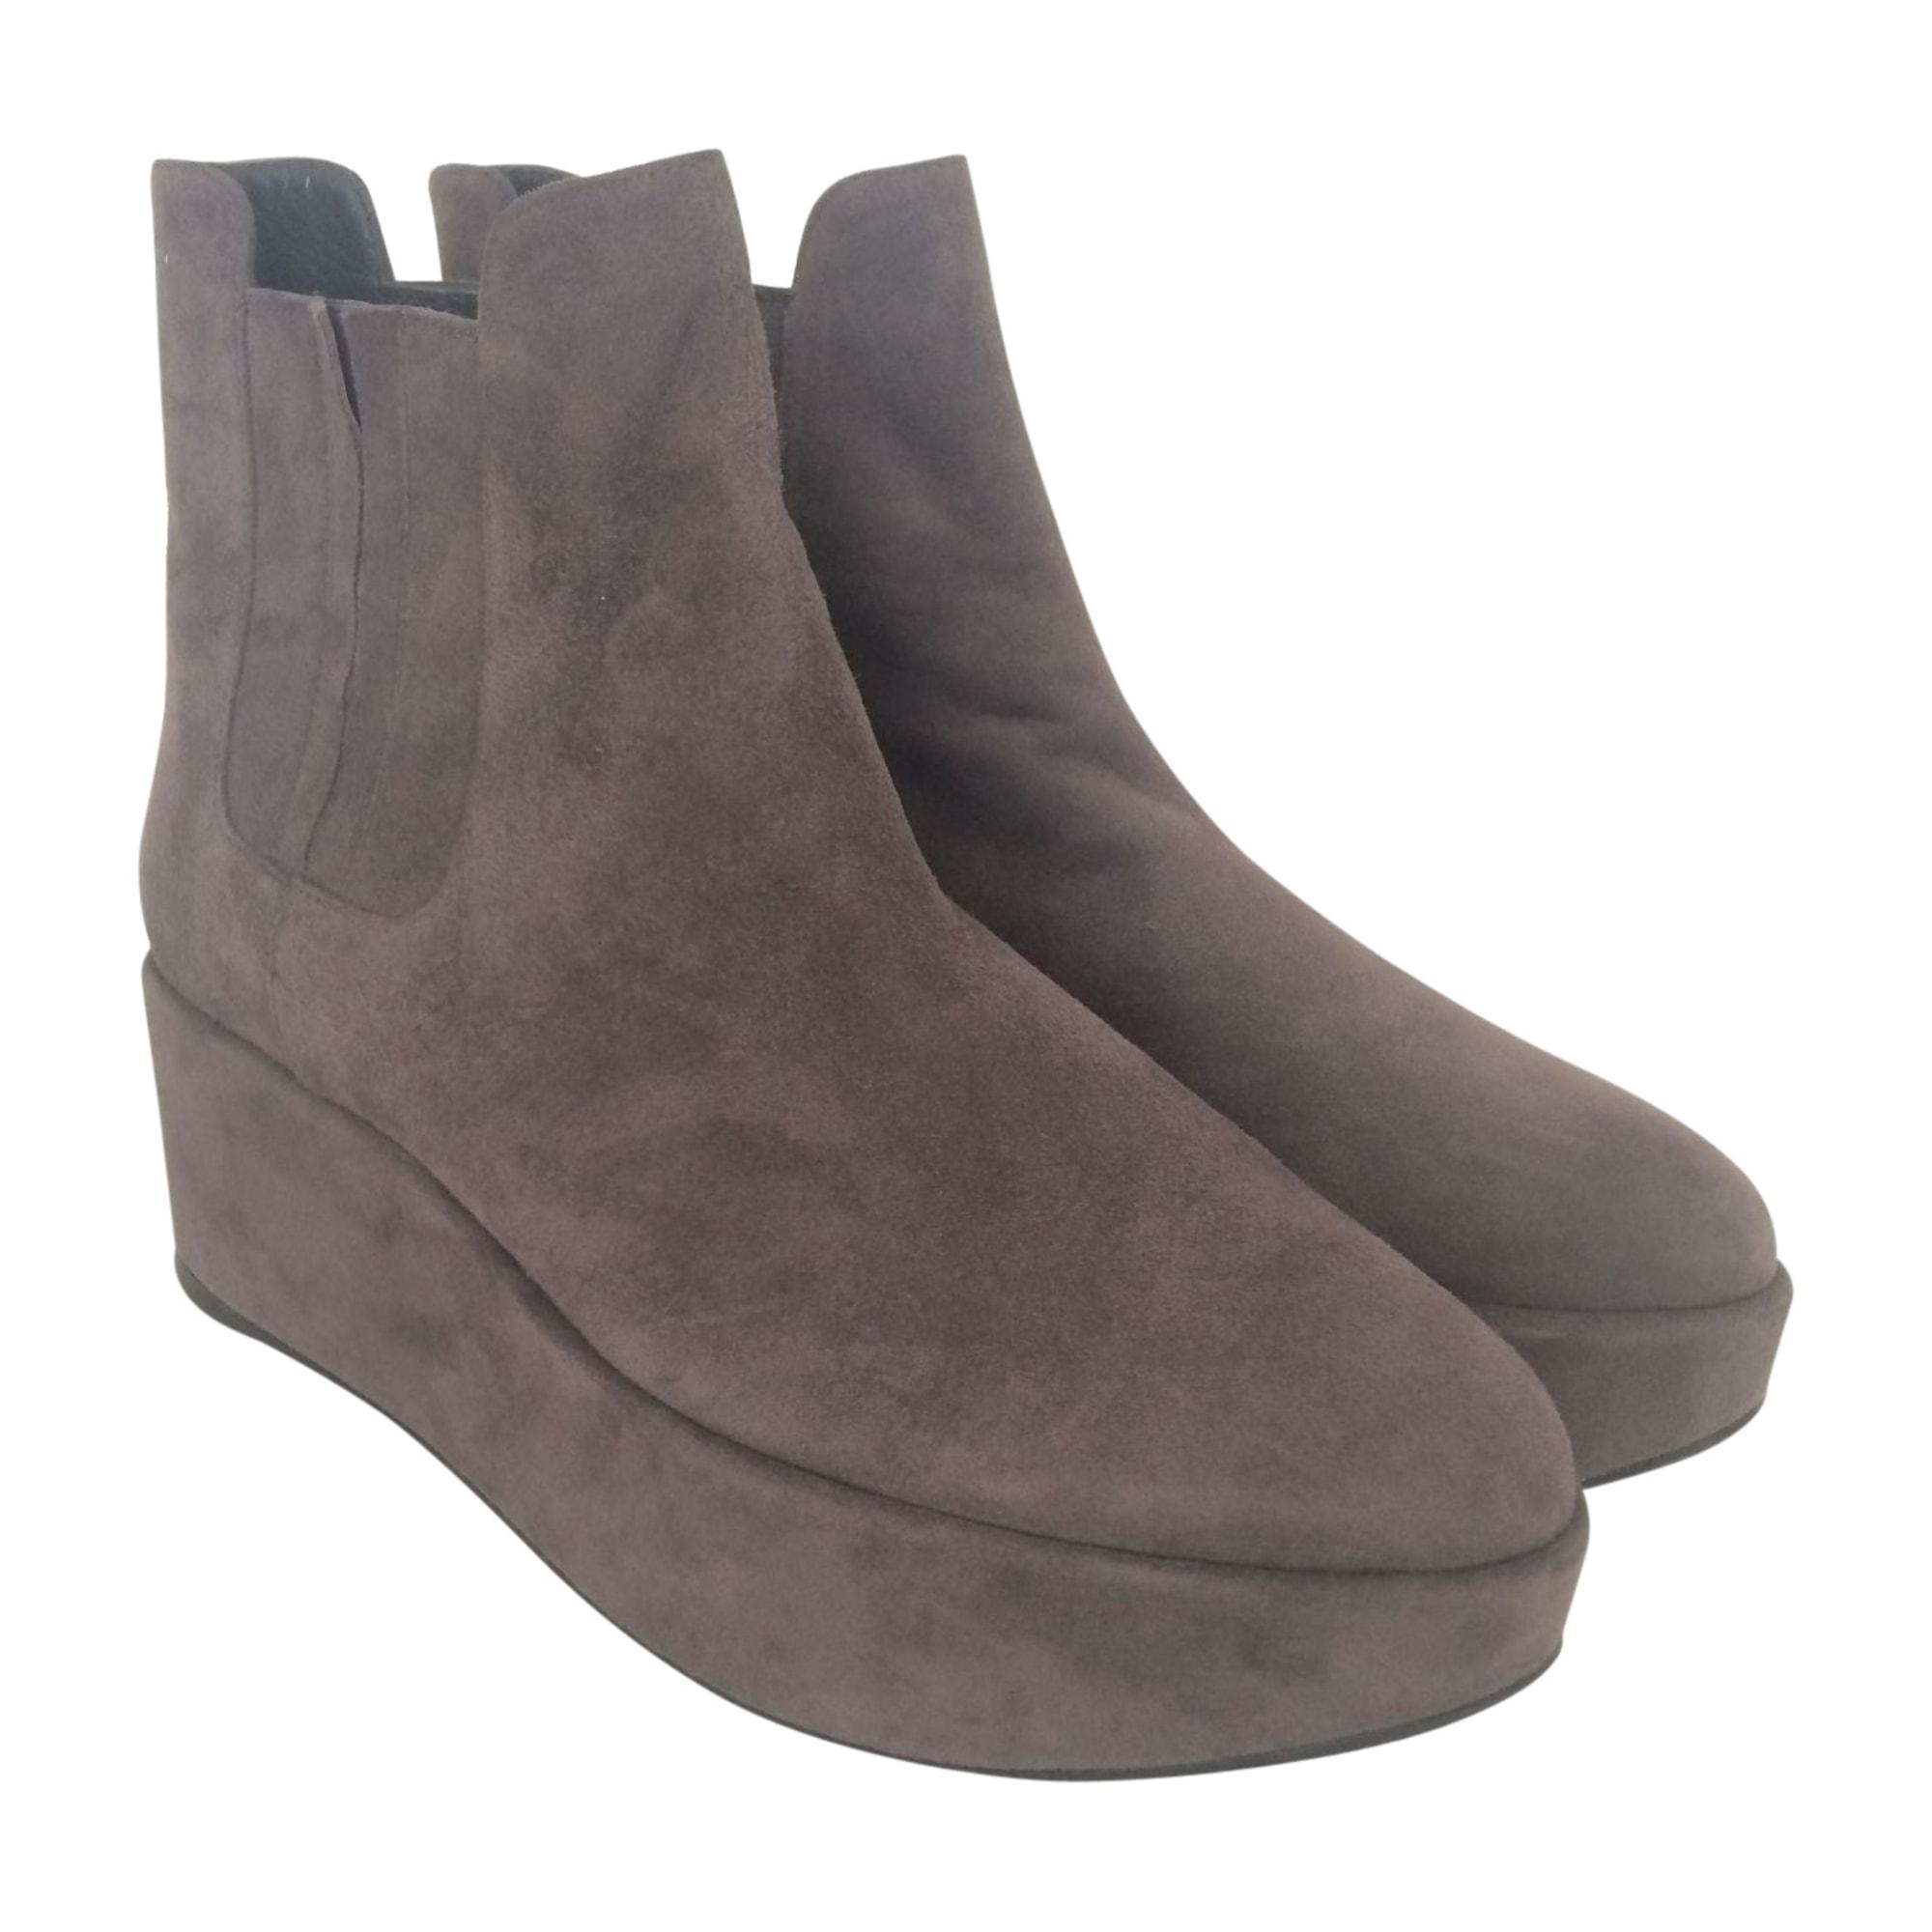 Bottines & low boots à compensés STUART WEITZMAN Gris, anthracite